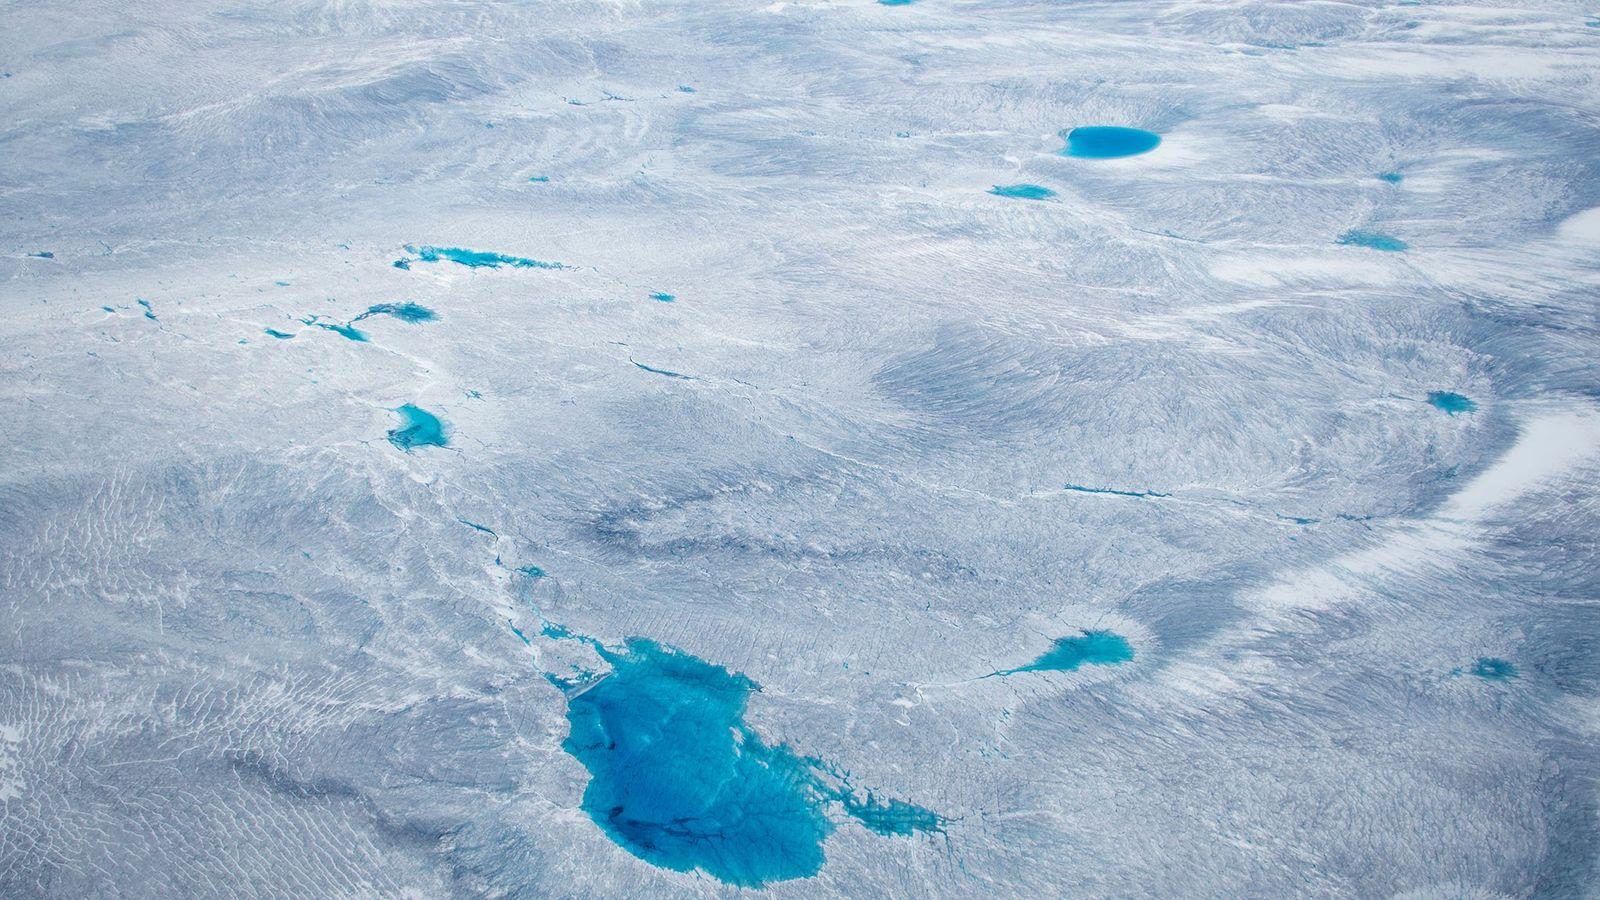 Noch bedeckt eine gewaltige Eisschicht Grönland, die größte Insel des Planeten – aber wie lange noch?